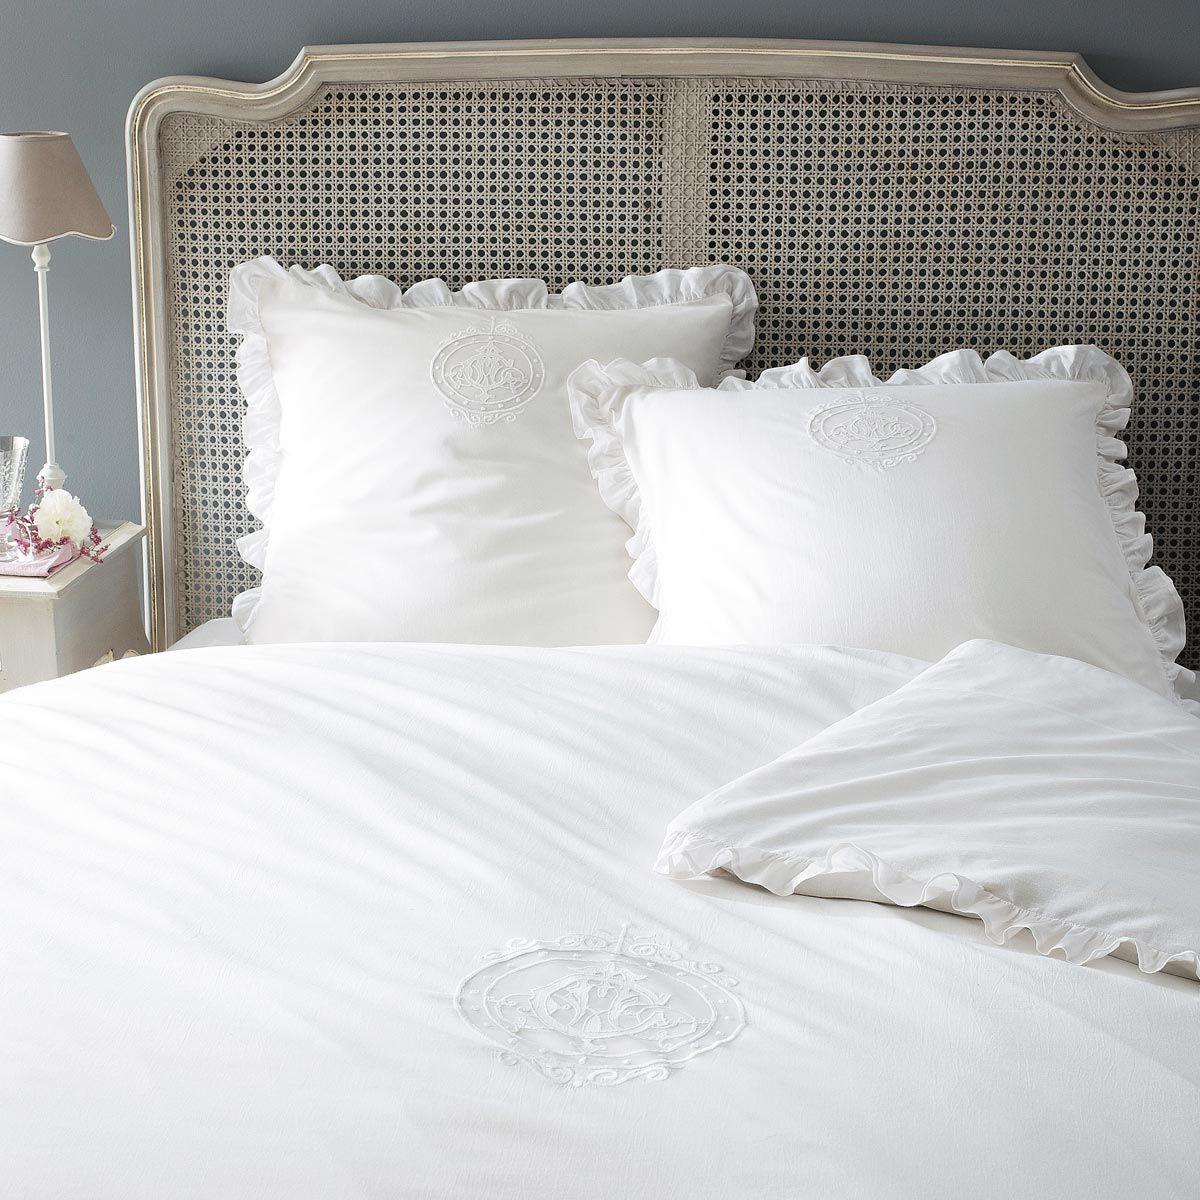 Parure housse de couette blanche 240x220 2 taies d 39 oreiller carpe diem deco en 2019 housse - Housse couette maison du monde ...